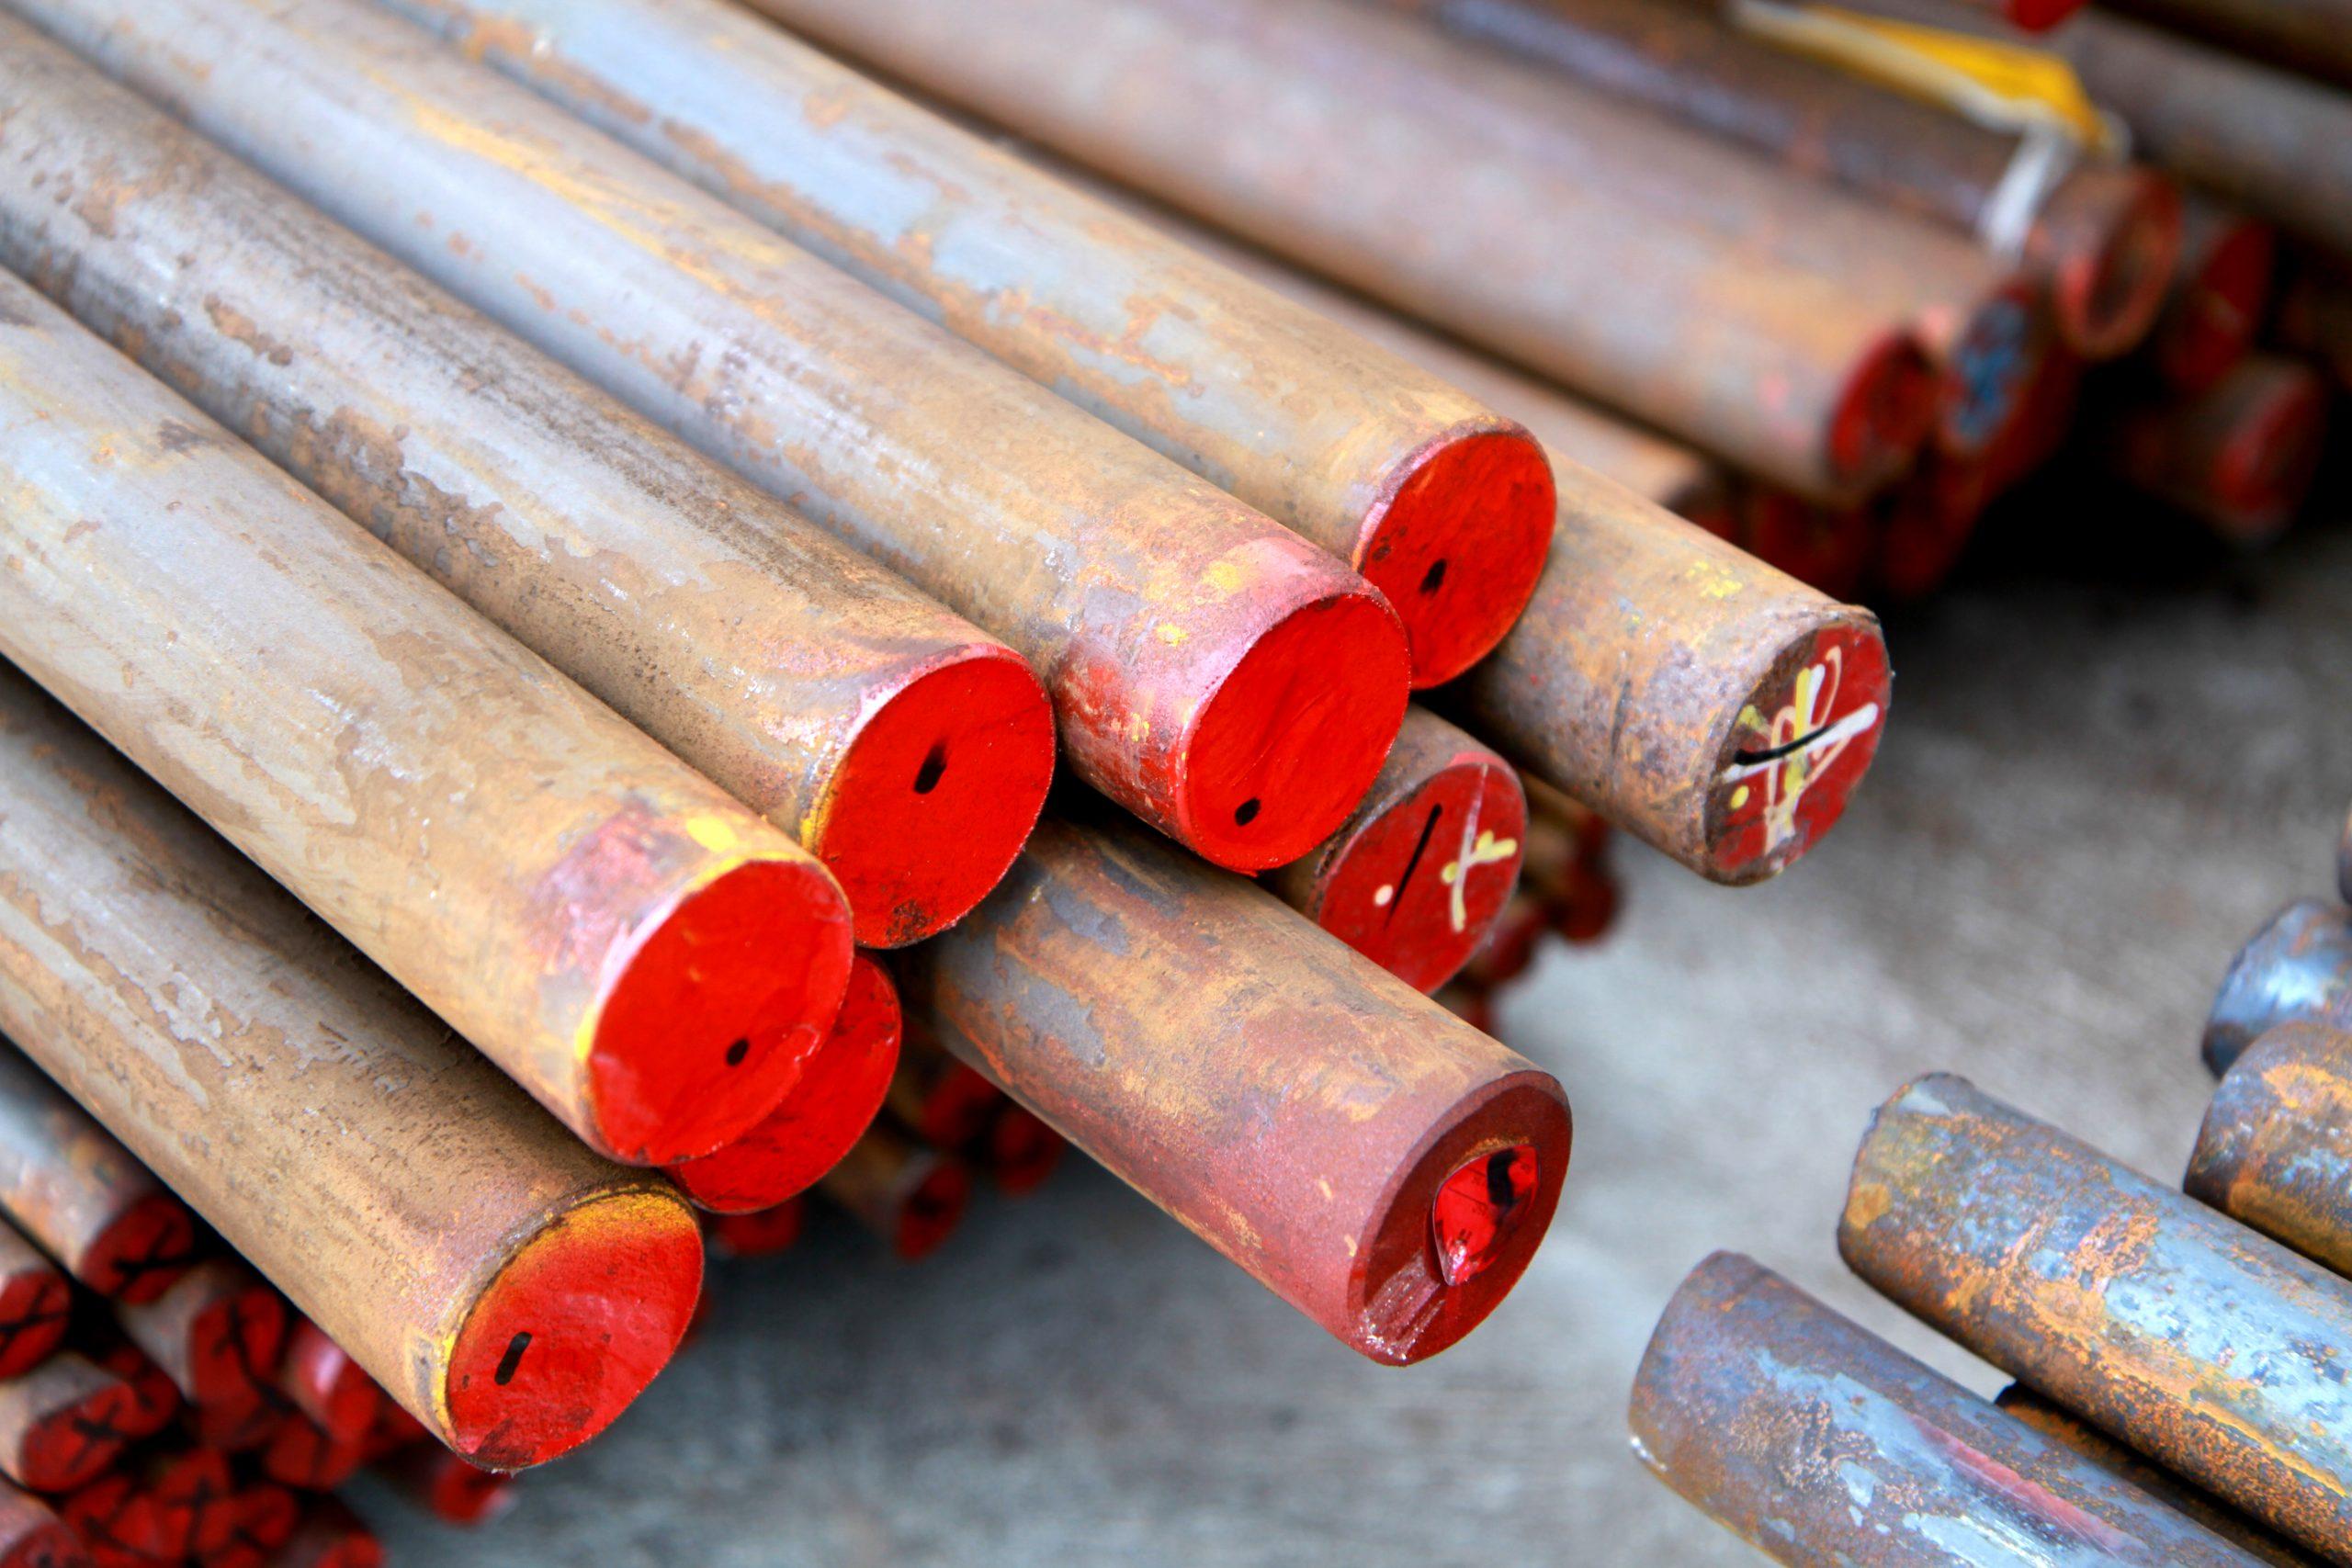 Maintenance Alloy Steels